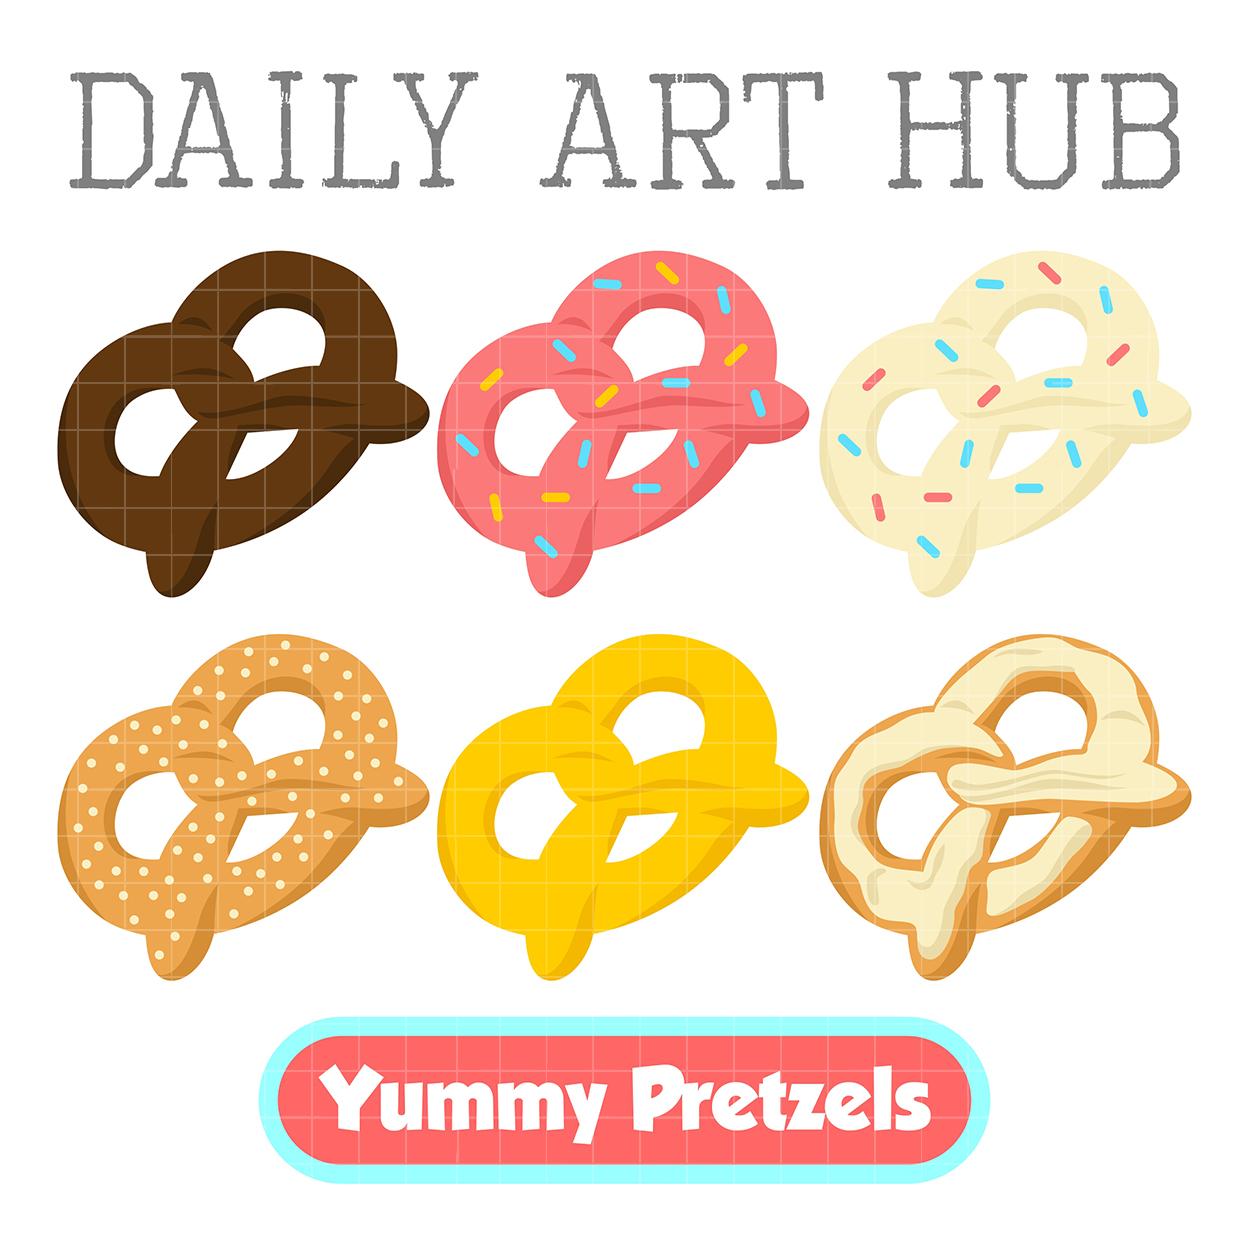 Pretzel clipart. Yummy pretzels clip art